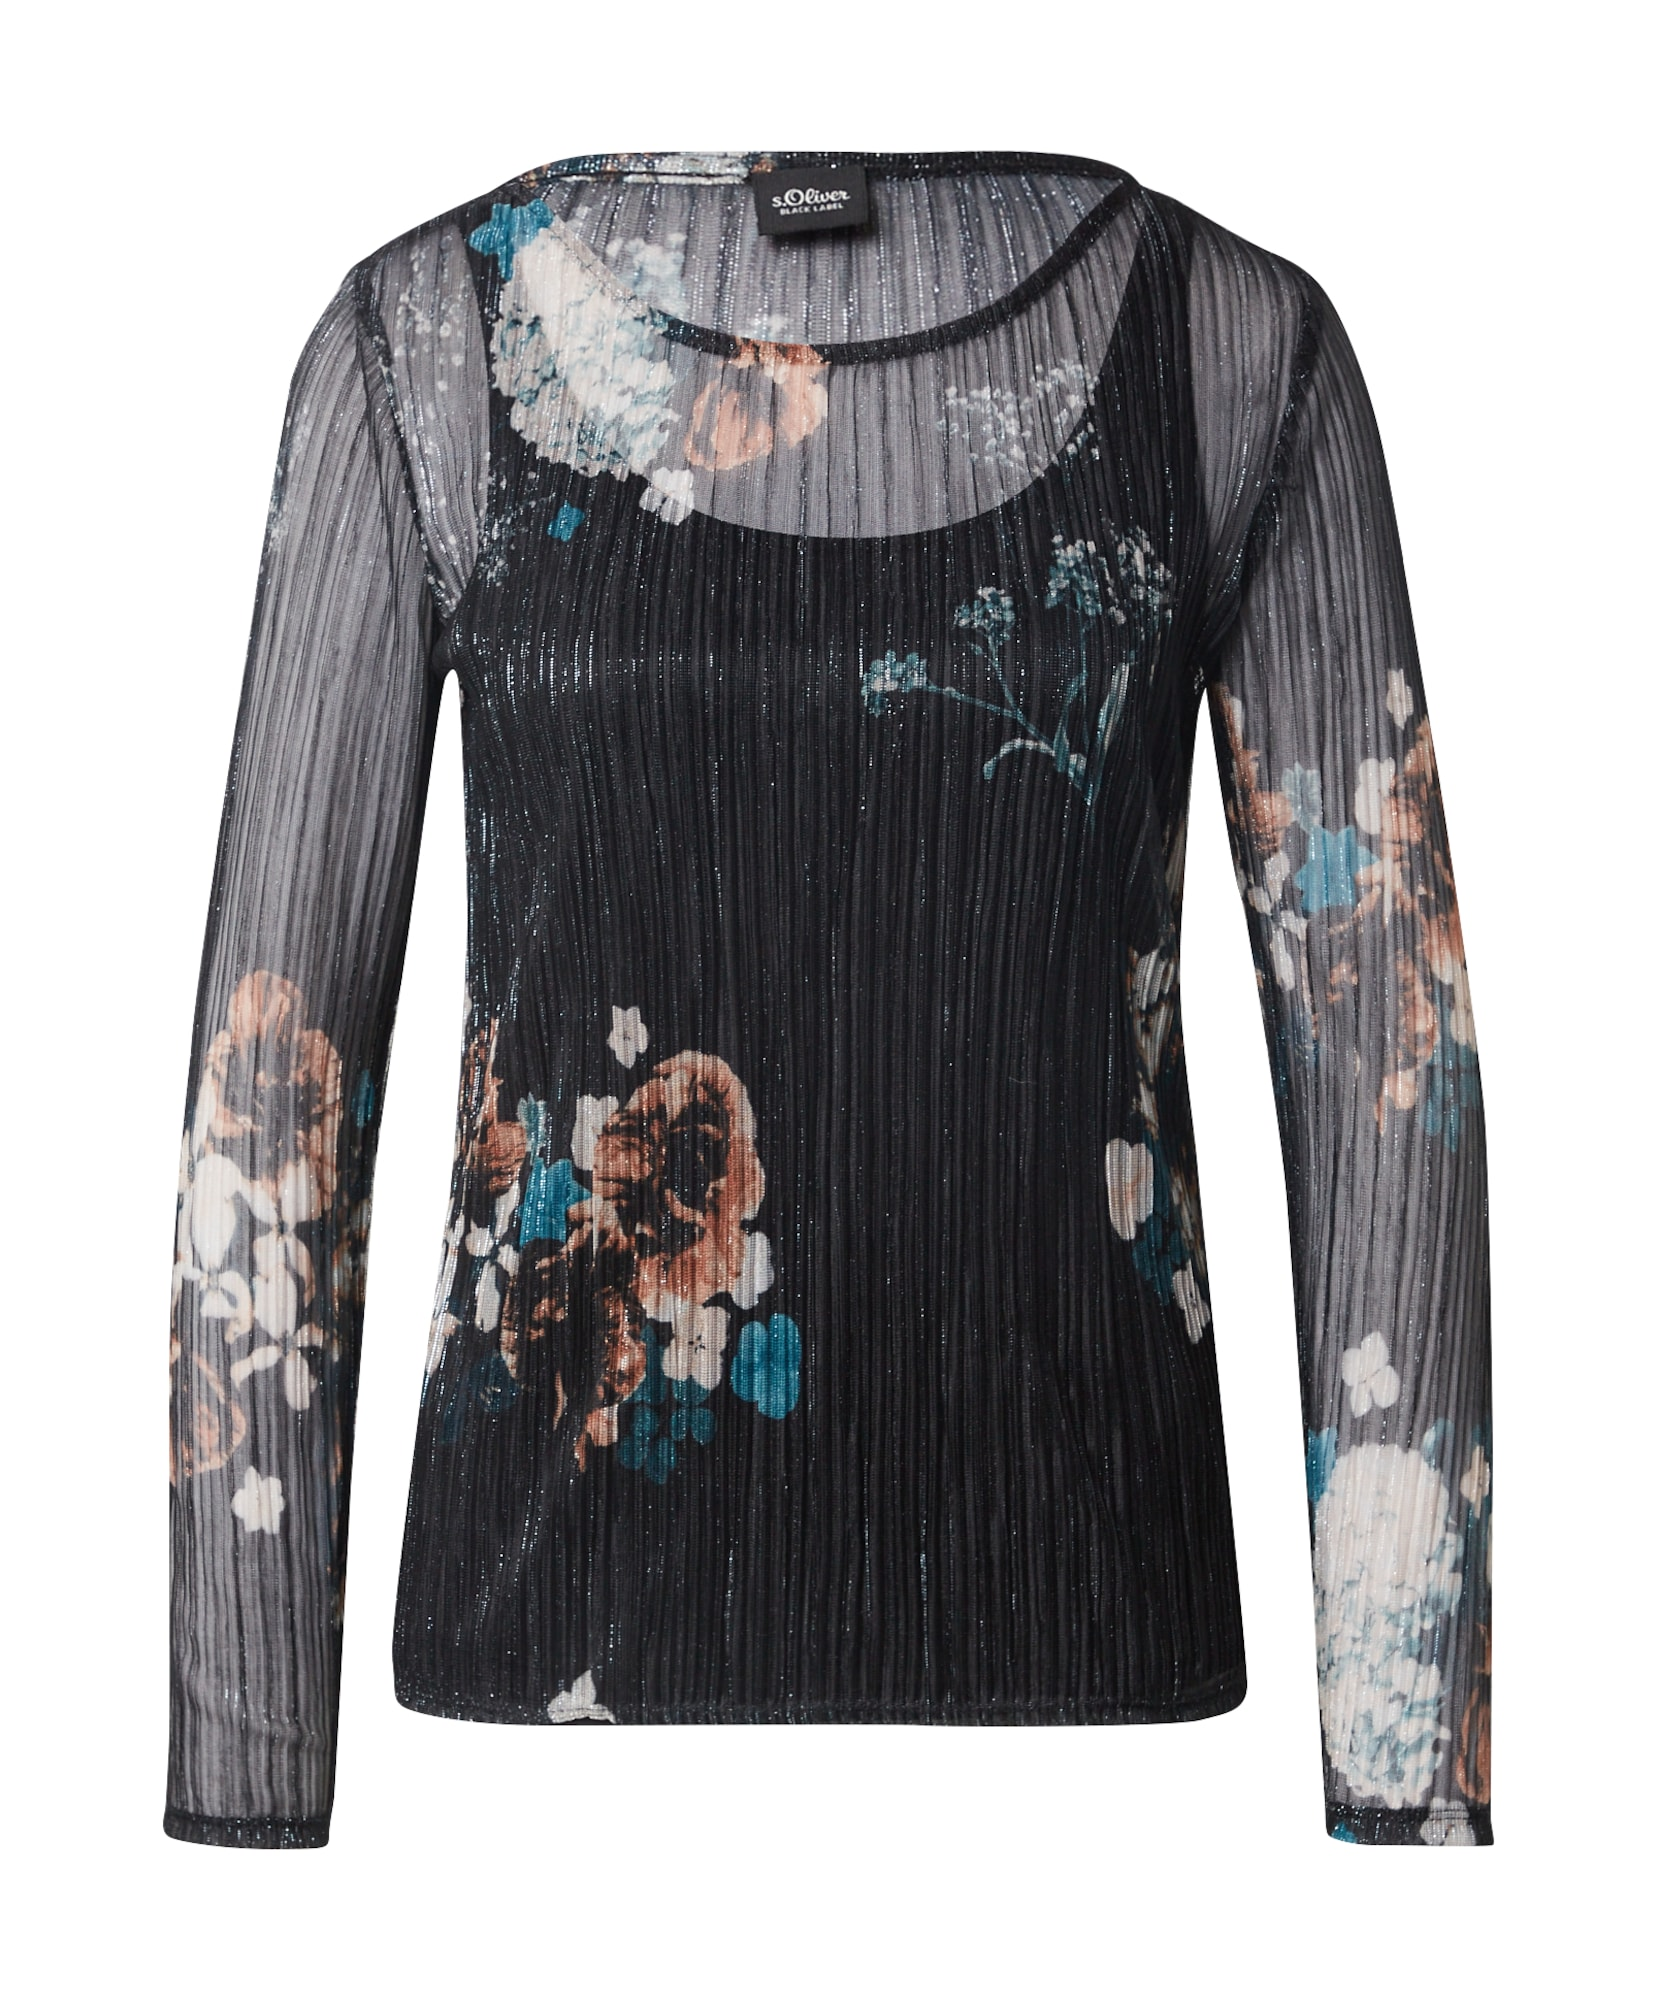 s.Oliver BLACK LABEL Marškinėliai juoda / mišrios spalvos